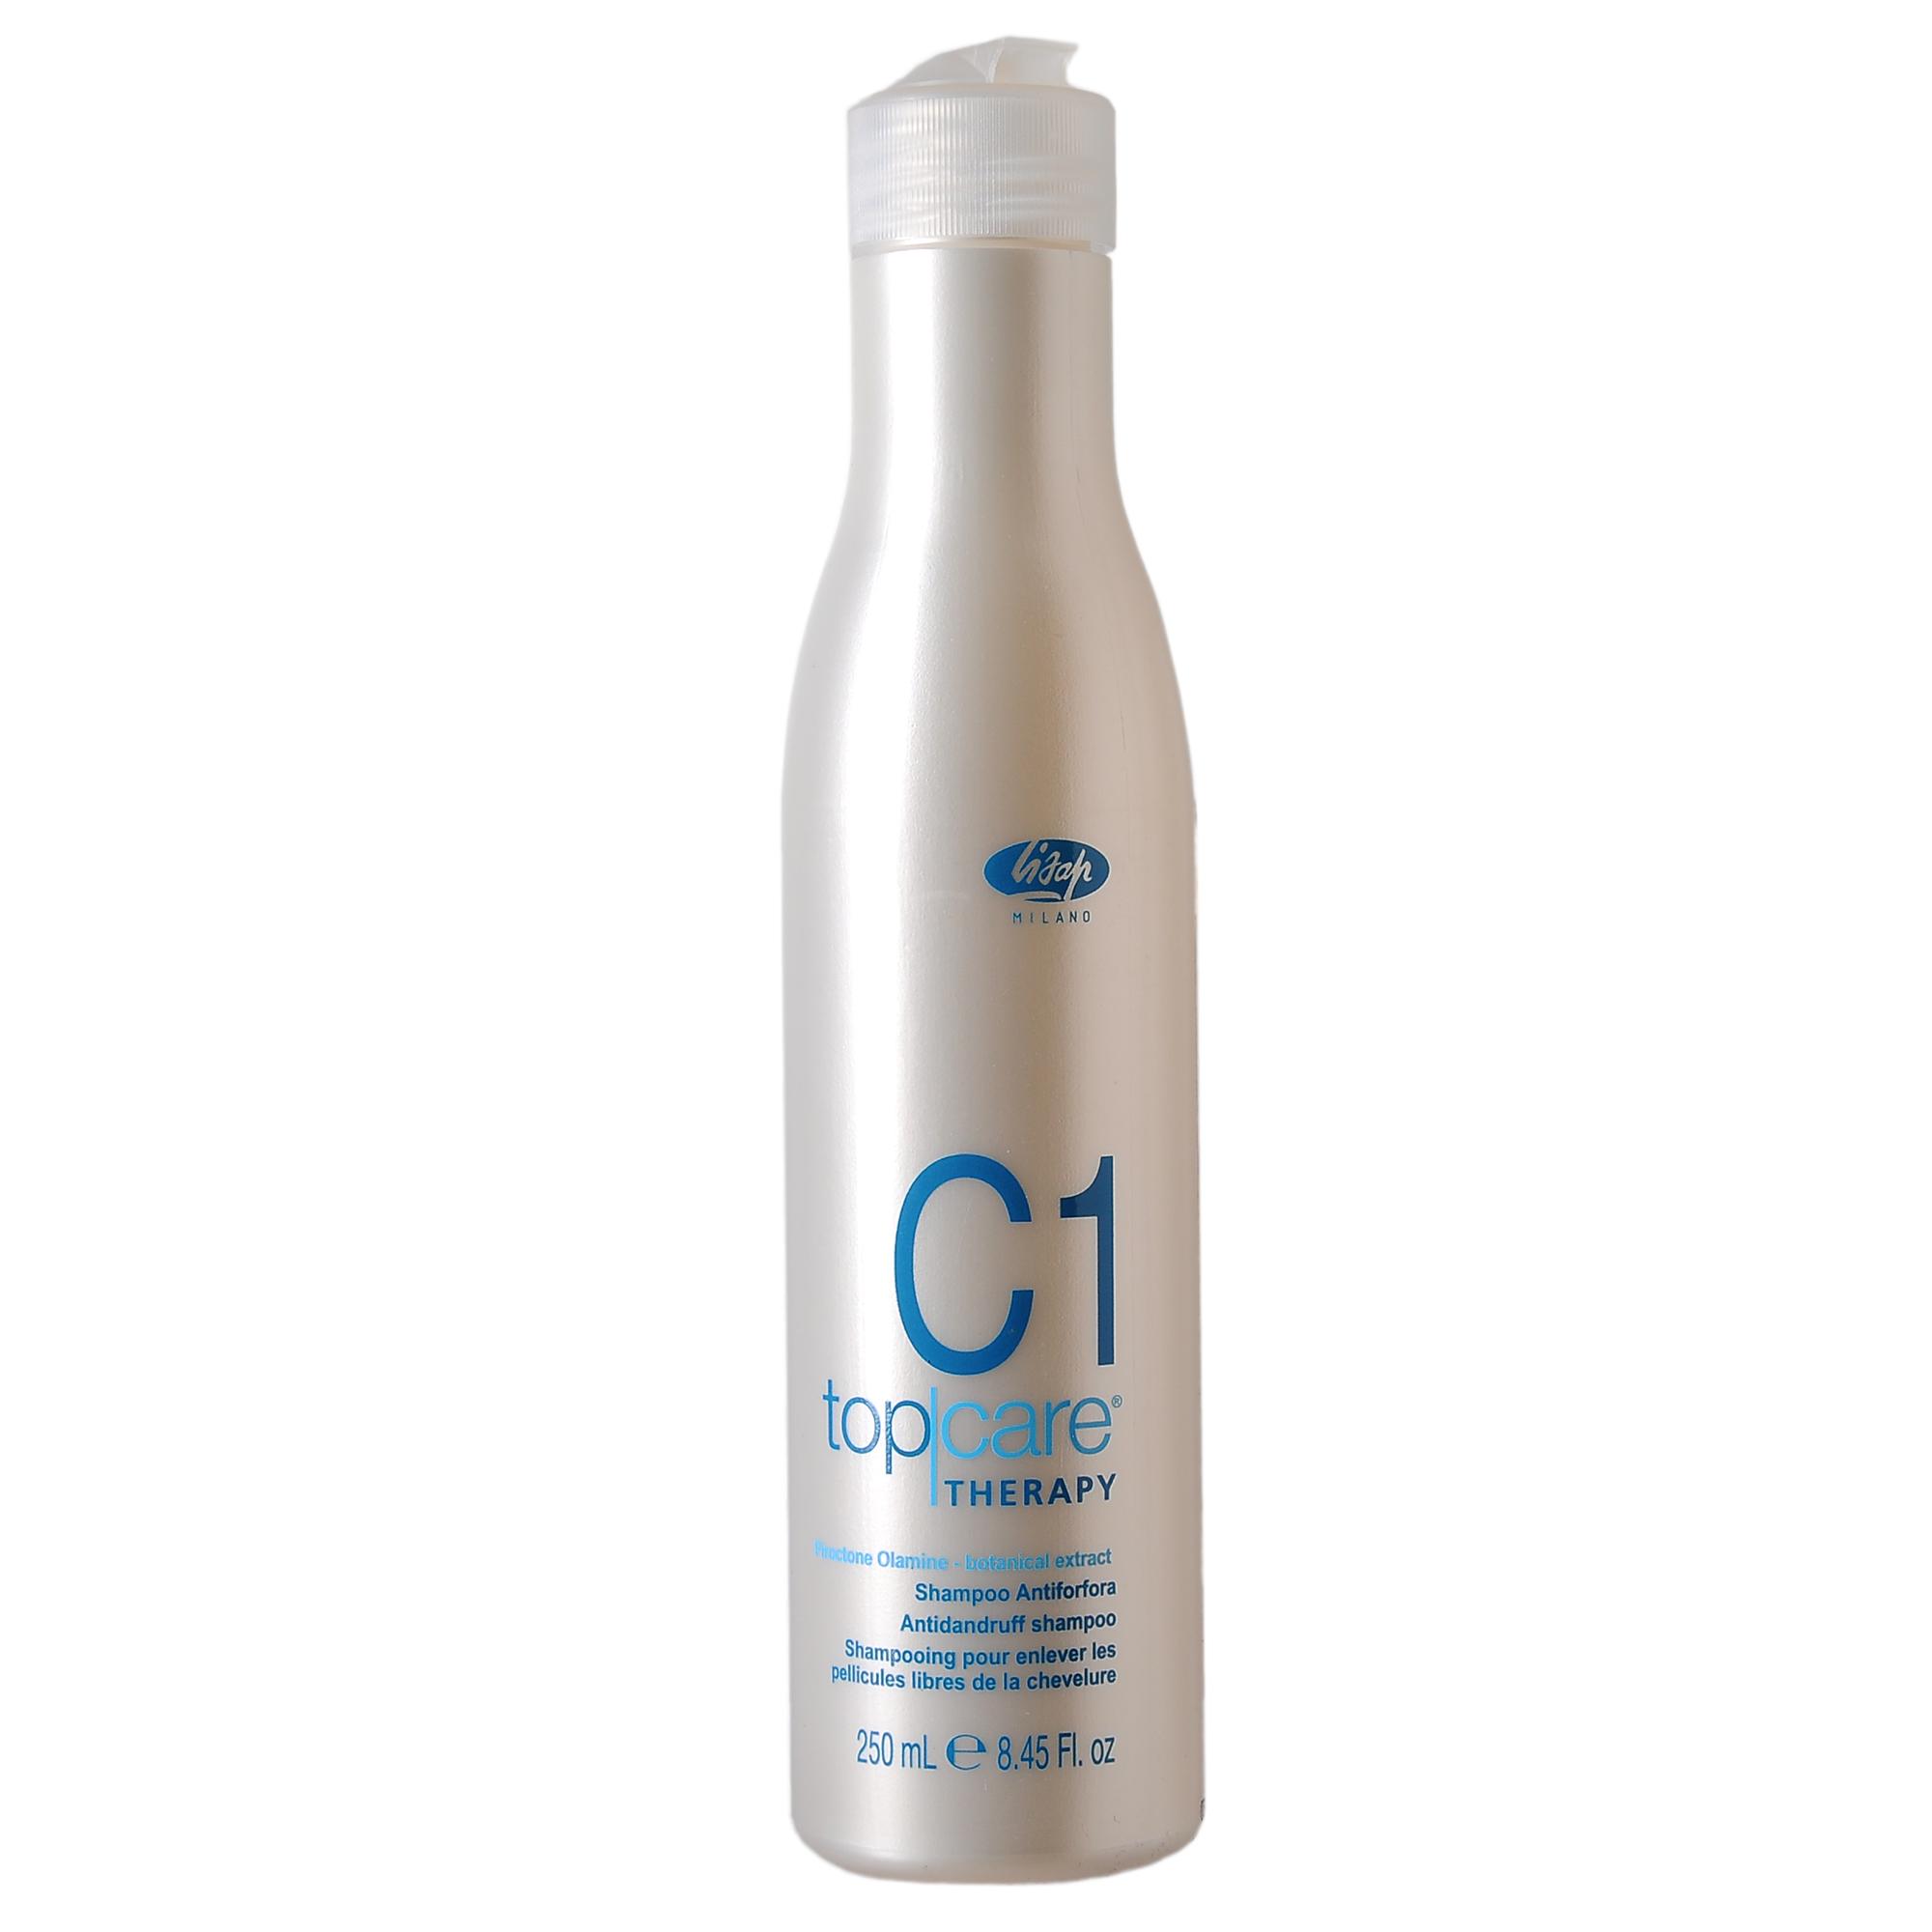 LISAP MILANO Шампунь очищающий против перхоти для волос / TOP CARE THERAPY 250млШампуни<br>Содержит активный компонент пироктон оламин, устраняя перхоть и предупреждая ее повторное появление, а также экстракт шалфея и экстракт розмарина, известные своим успокаивающим действием. Формула разработана специально для удаления перхоти с одновременным очищением и восстановлением естественной степени увлажненности волос и кожи головы. По своему составу шампунь очень мягкий и подходит для ежедневного применения. Активные ингредиенты: пироктон оламин, экстракт шалфея, экстракт розмарина. Способ применения: нанесите небольшое количество шампуня на влажные волосы и вспеньте. Хорошо промойте волосы водой. Повторить нанесение и оставить шампунь на волосах на 2 минуты перед окончательным ополаскиванием. Для получения наилучших результатов рекомендуется использовать в комплексе с очищающим тоником  Top Care Therapy T2 Purifying Tonic .<br><br>Вид средства для волос: Очищающий<br>Назначение: Перхоть